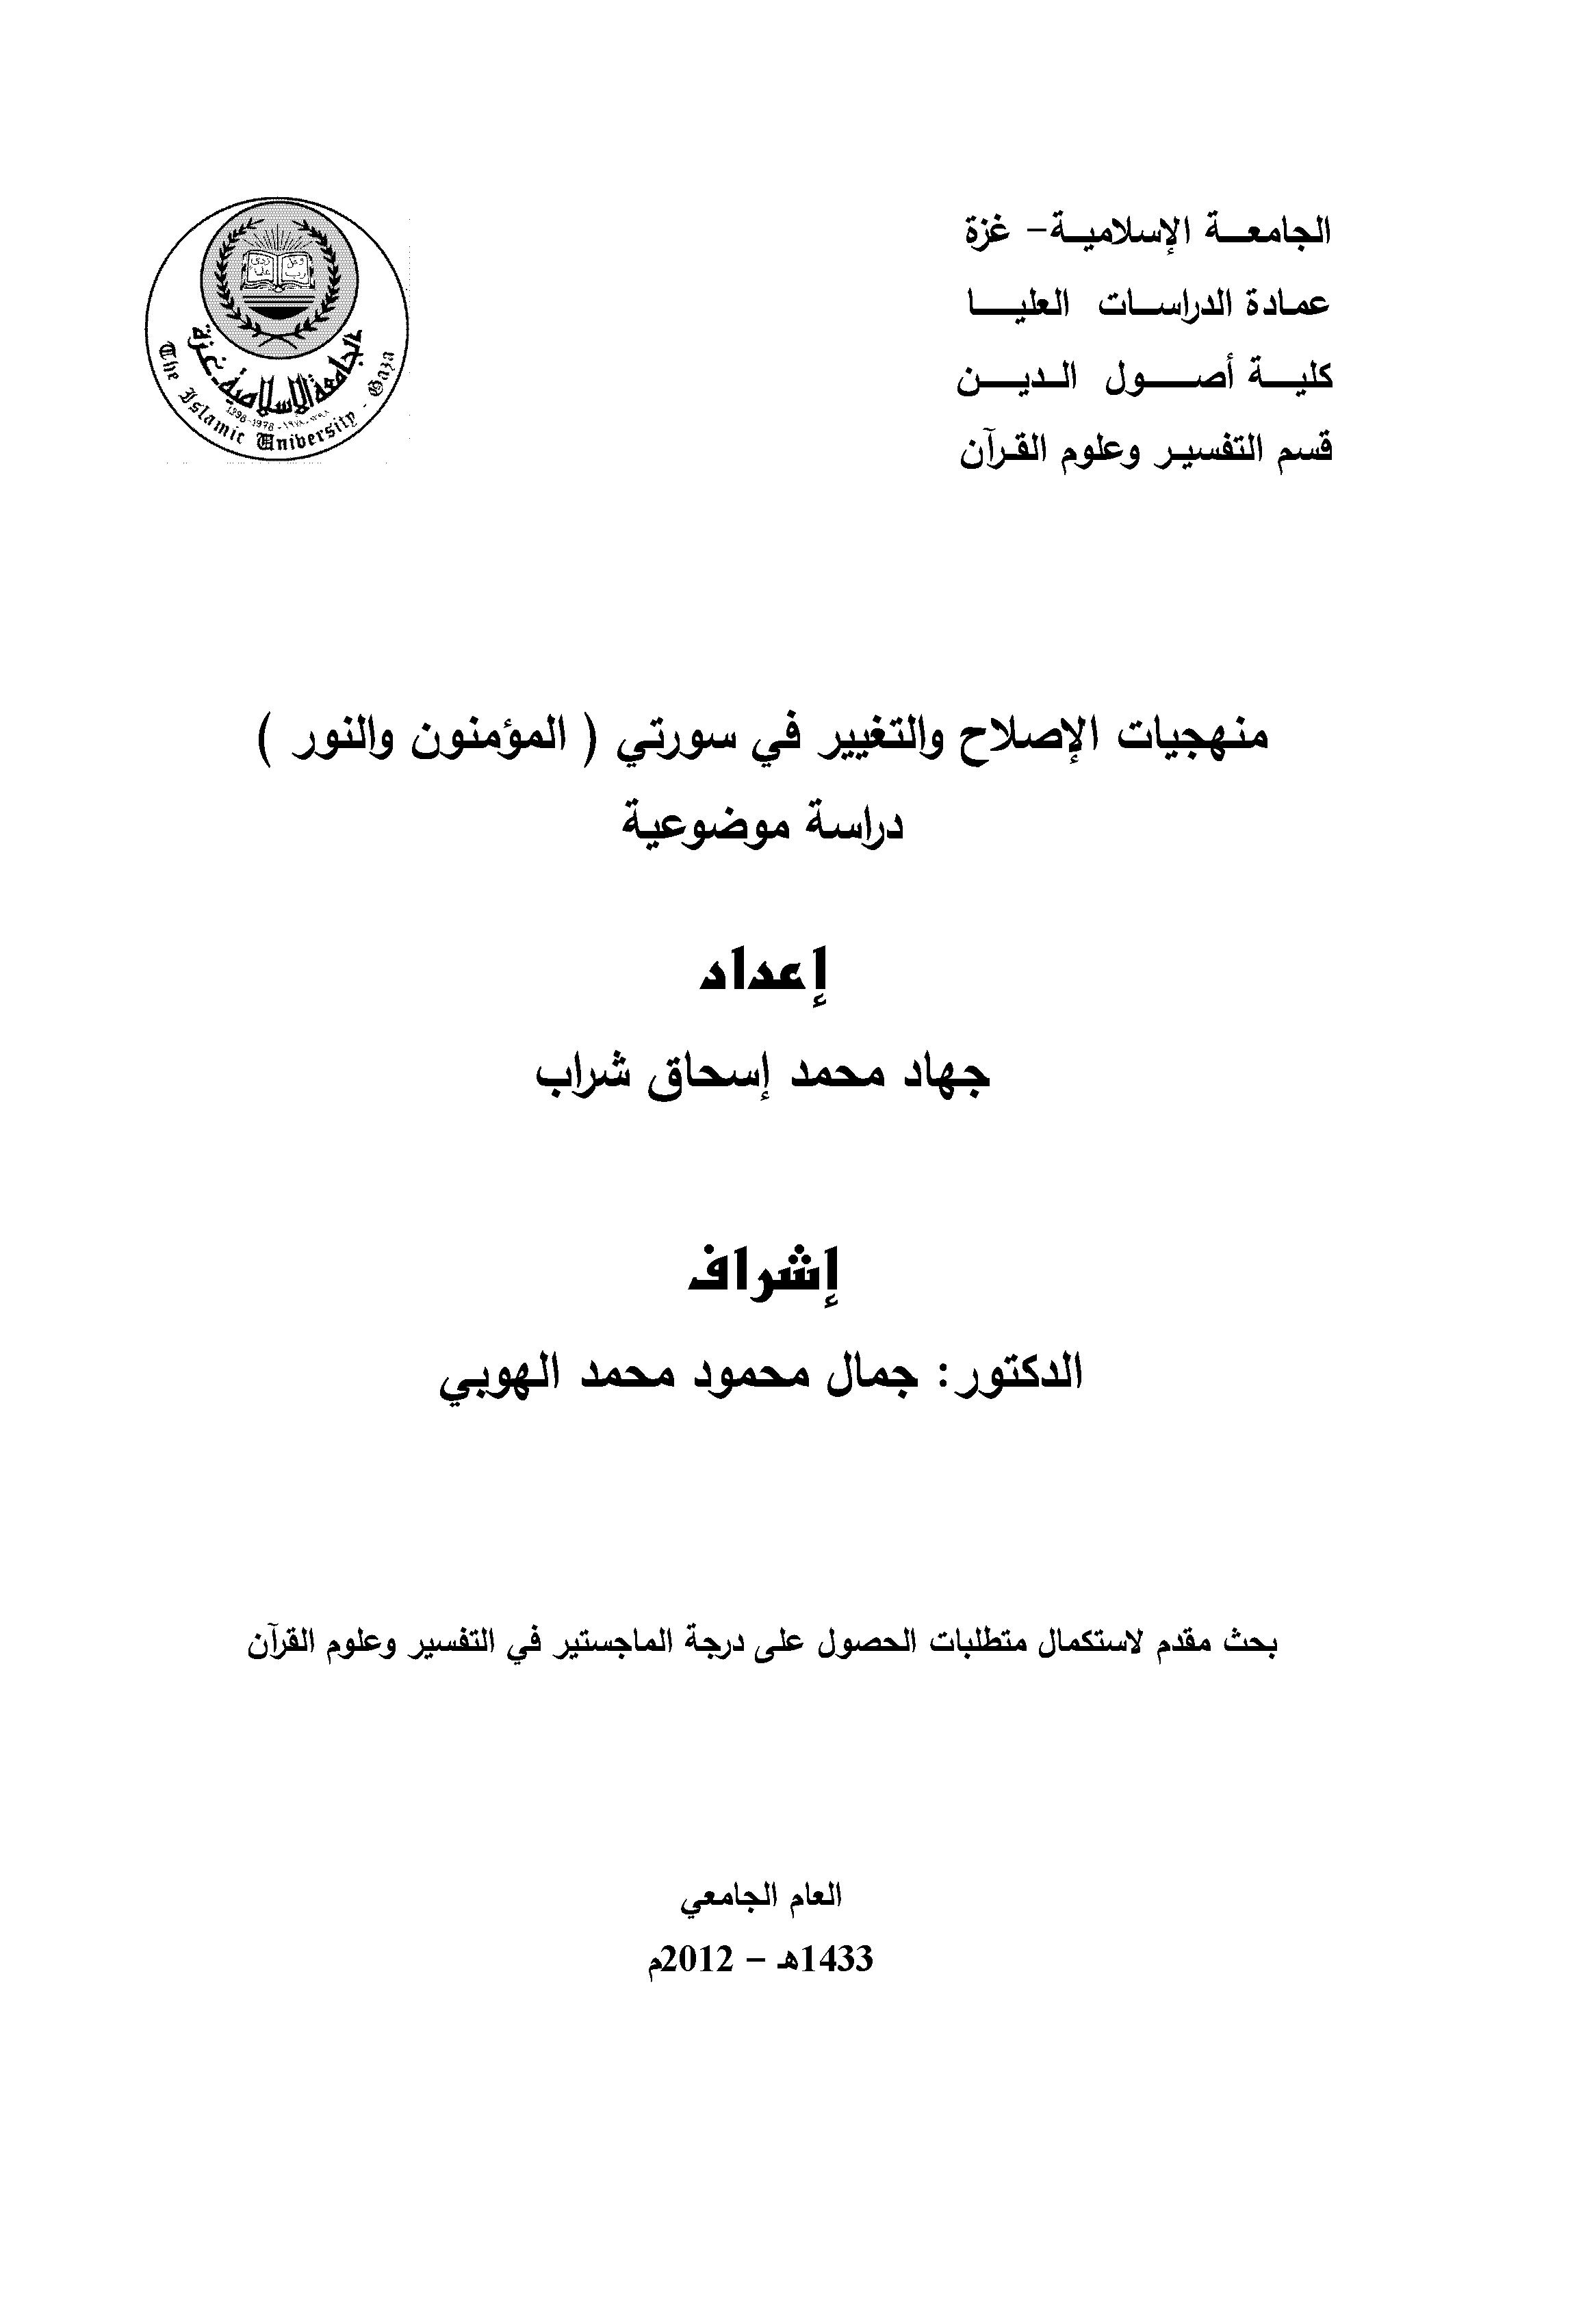 تحميل كتاب منهجيات الإصلاح والتغيير في سورتي المؤمنون والنور (دراسة موضوعية) لـِ: جهاد محمد إسحاق شراب